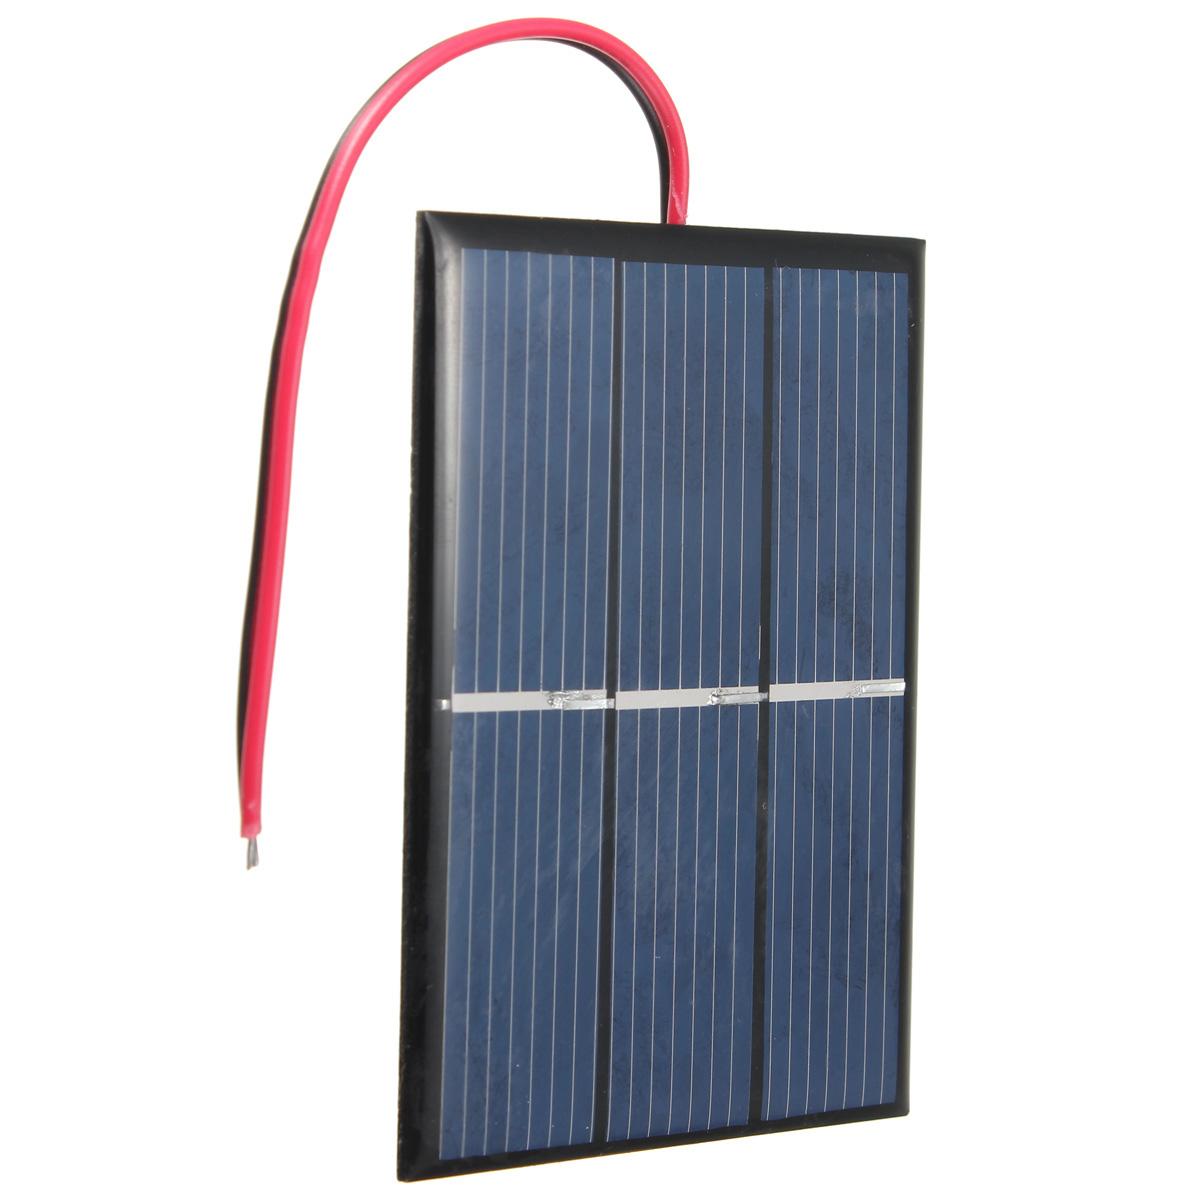 Pannello Solare Portatile Per Pc : V w solare pannello batteria portatile potere per